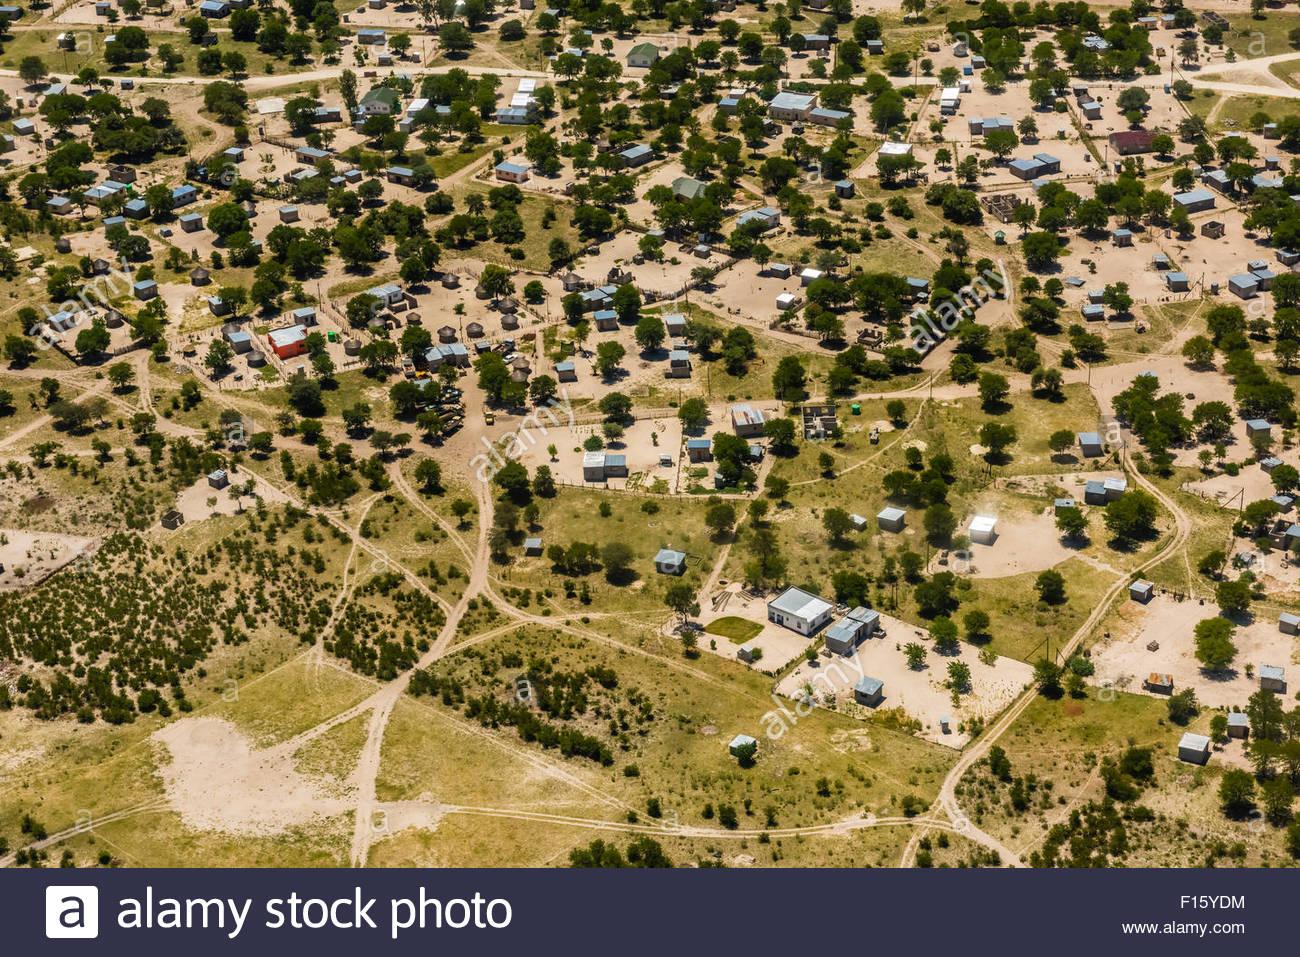 Aerial view, Maun, Botswana. - Stock Image